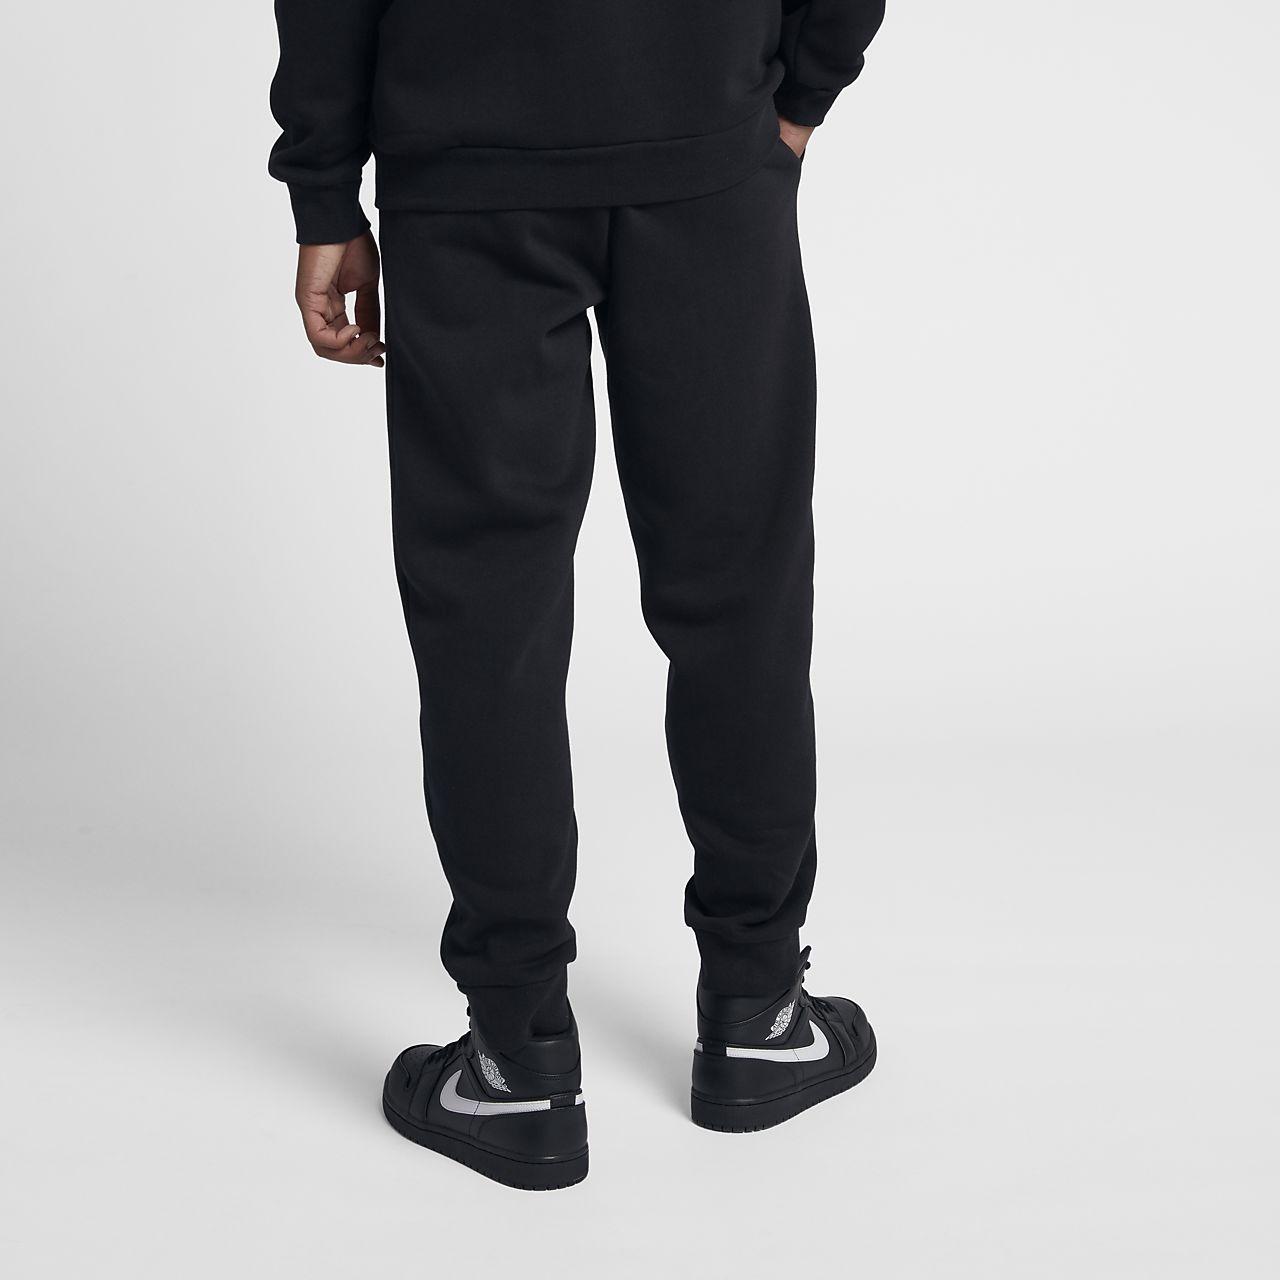 dd636a3ec2a Jordan Jumpman Air Men's Fleece Trousers. Nike.com ZA